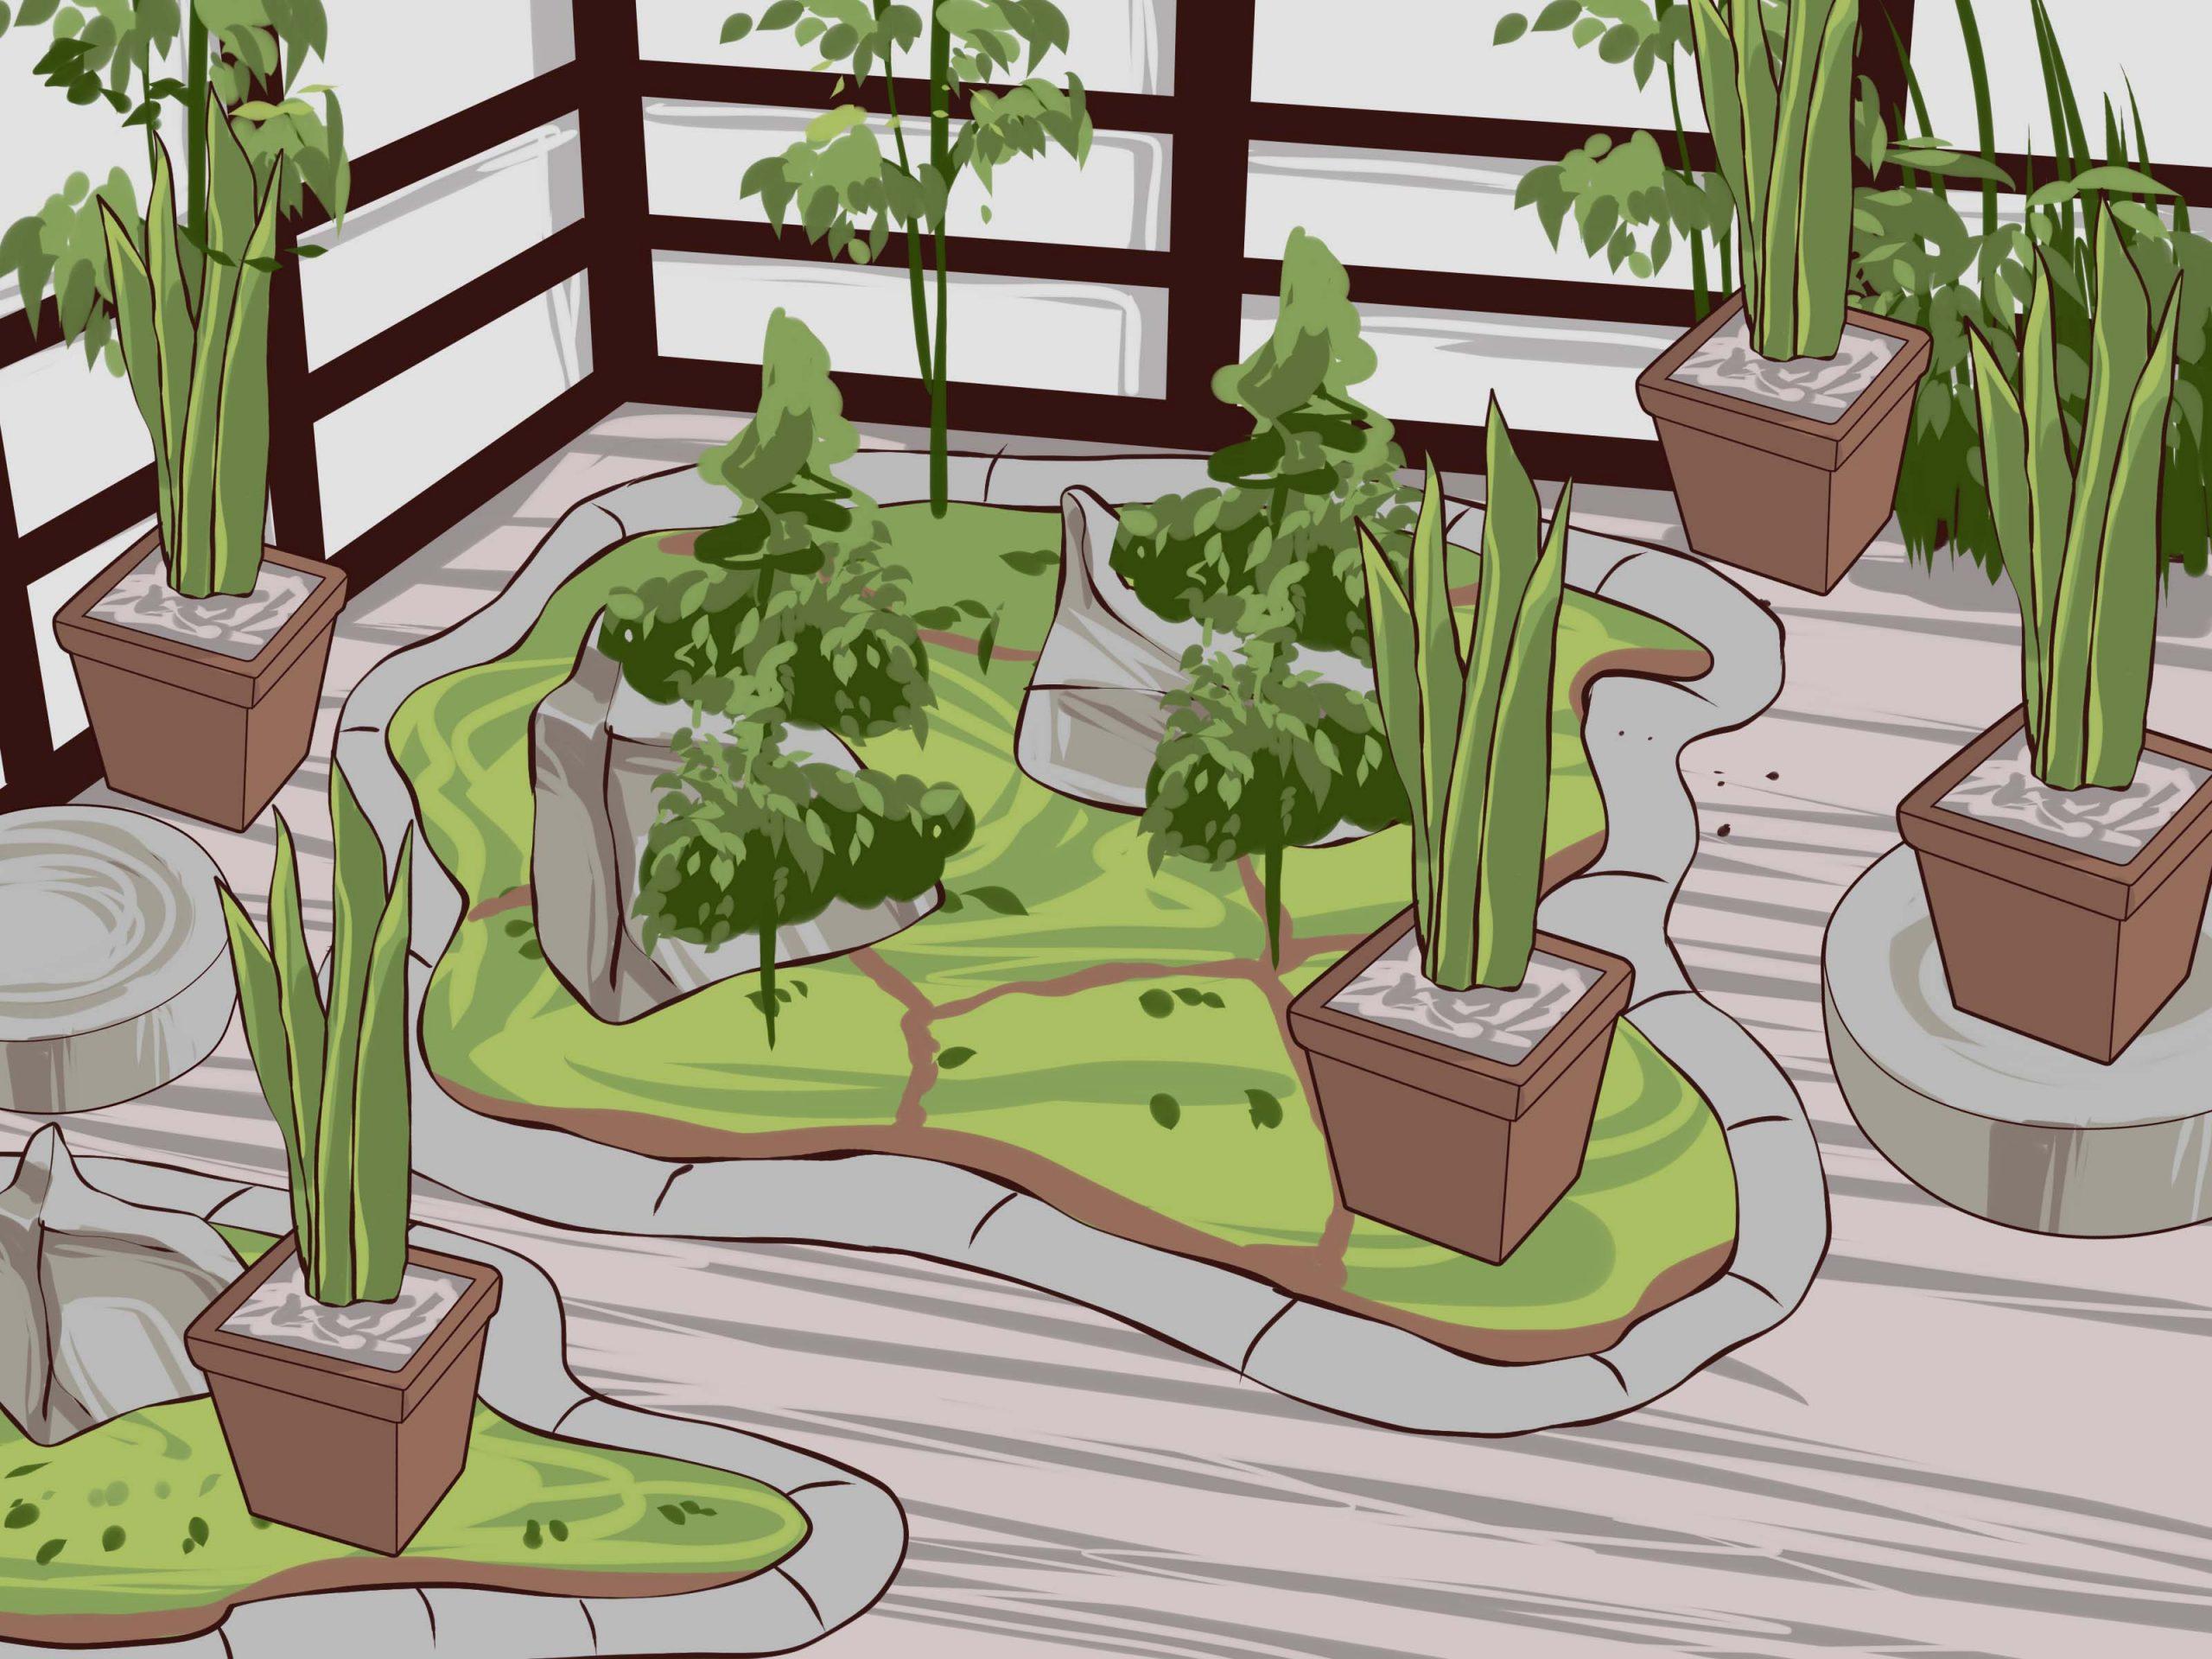 4 Manières De Construire Un Jardin Japonais - Wikihow concernant Créer Jardin Japonais Facile